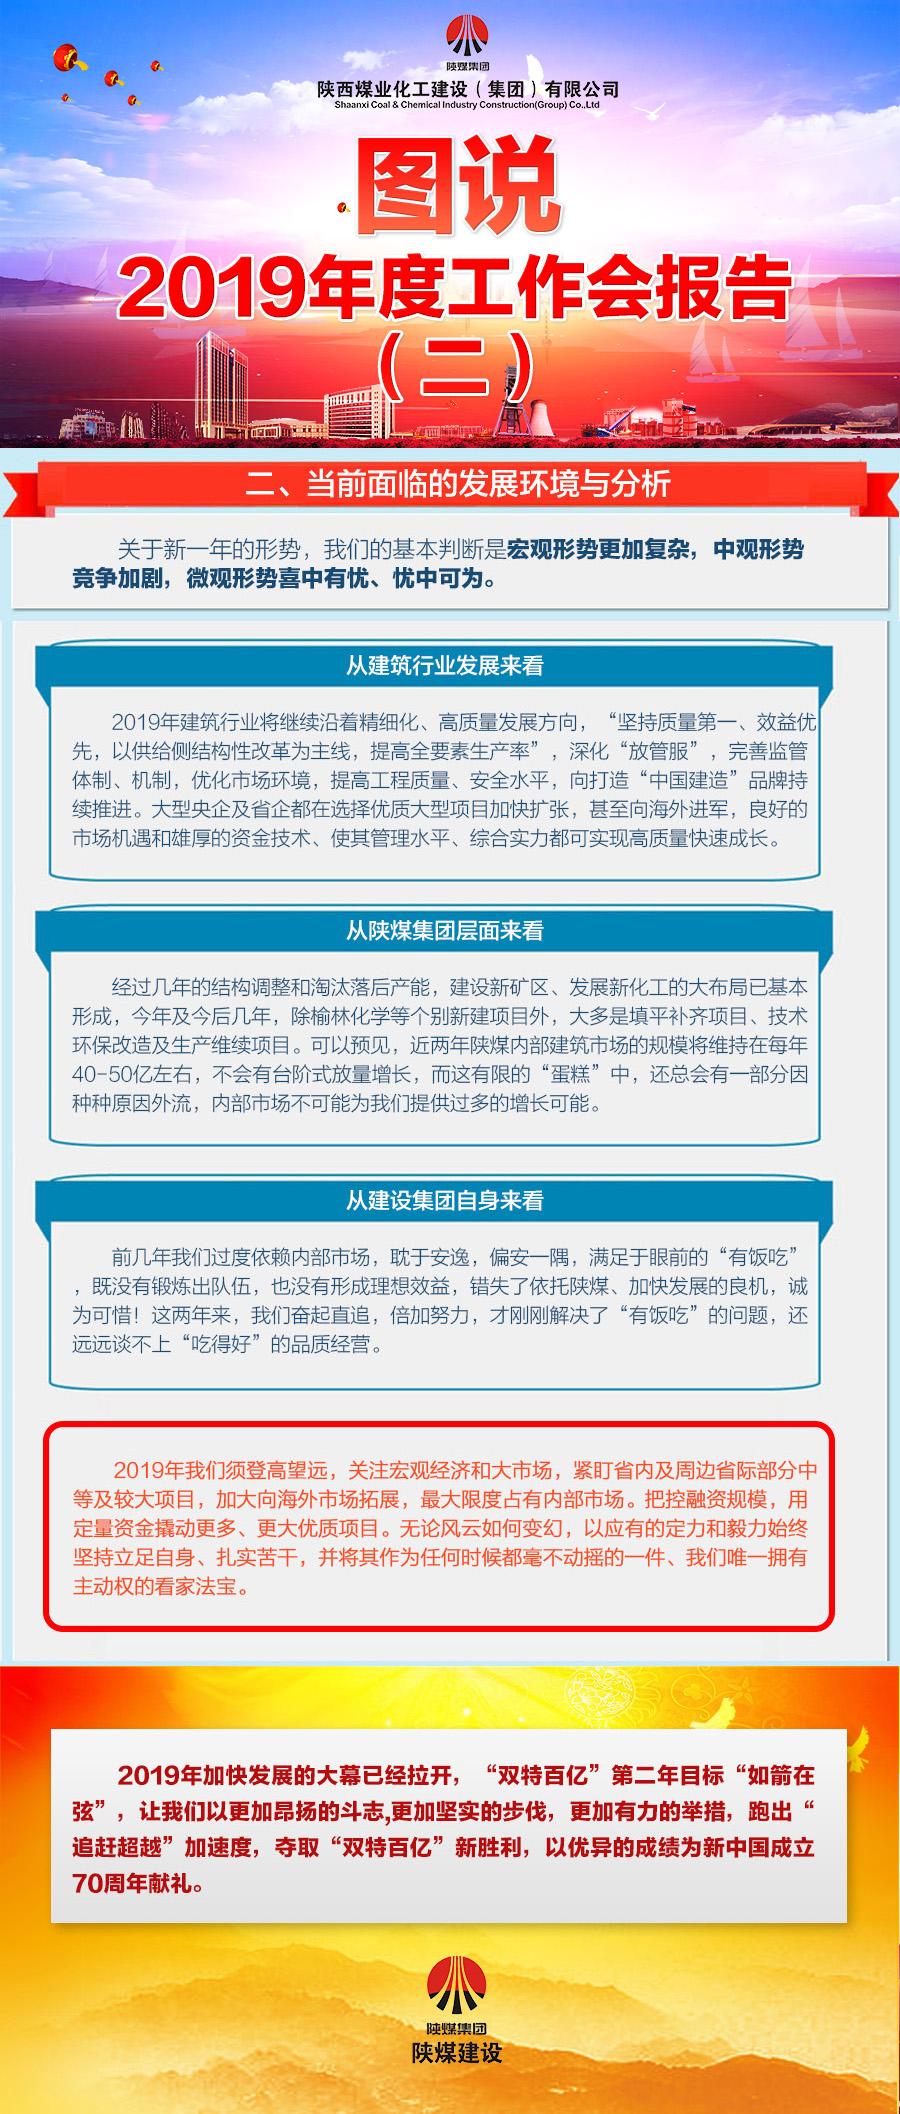 图说陕煤建设2019年度工作会报告(二)